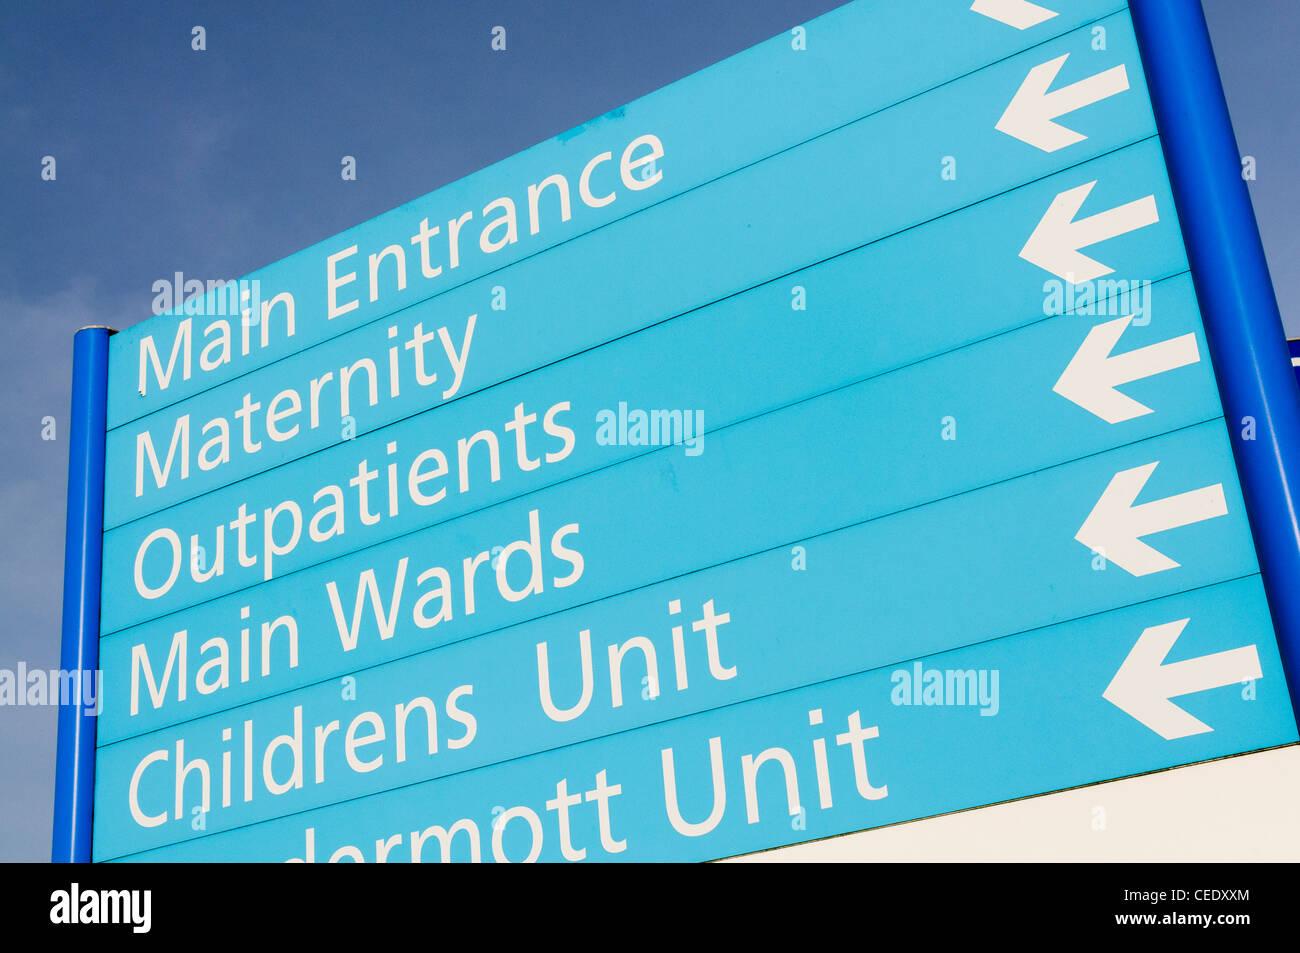 Signe de l'hôpital de maternité, les patients externes, les paroisses de l'unité et de l'enfant Photo Stock